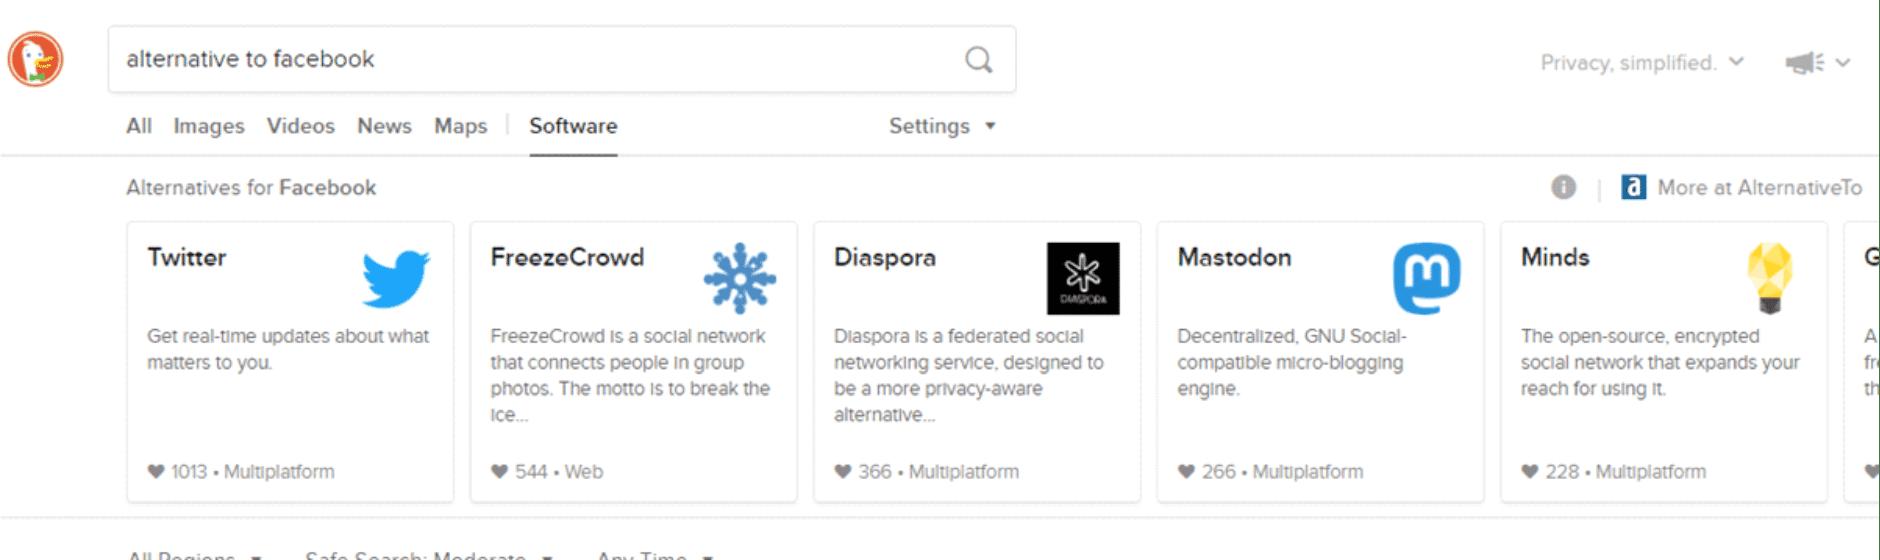 DuckDuckGo App Alternatives